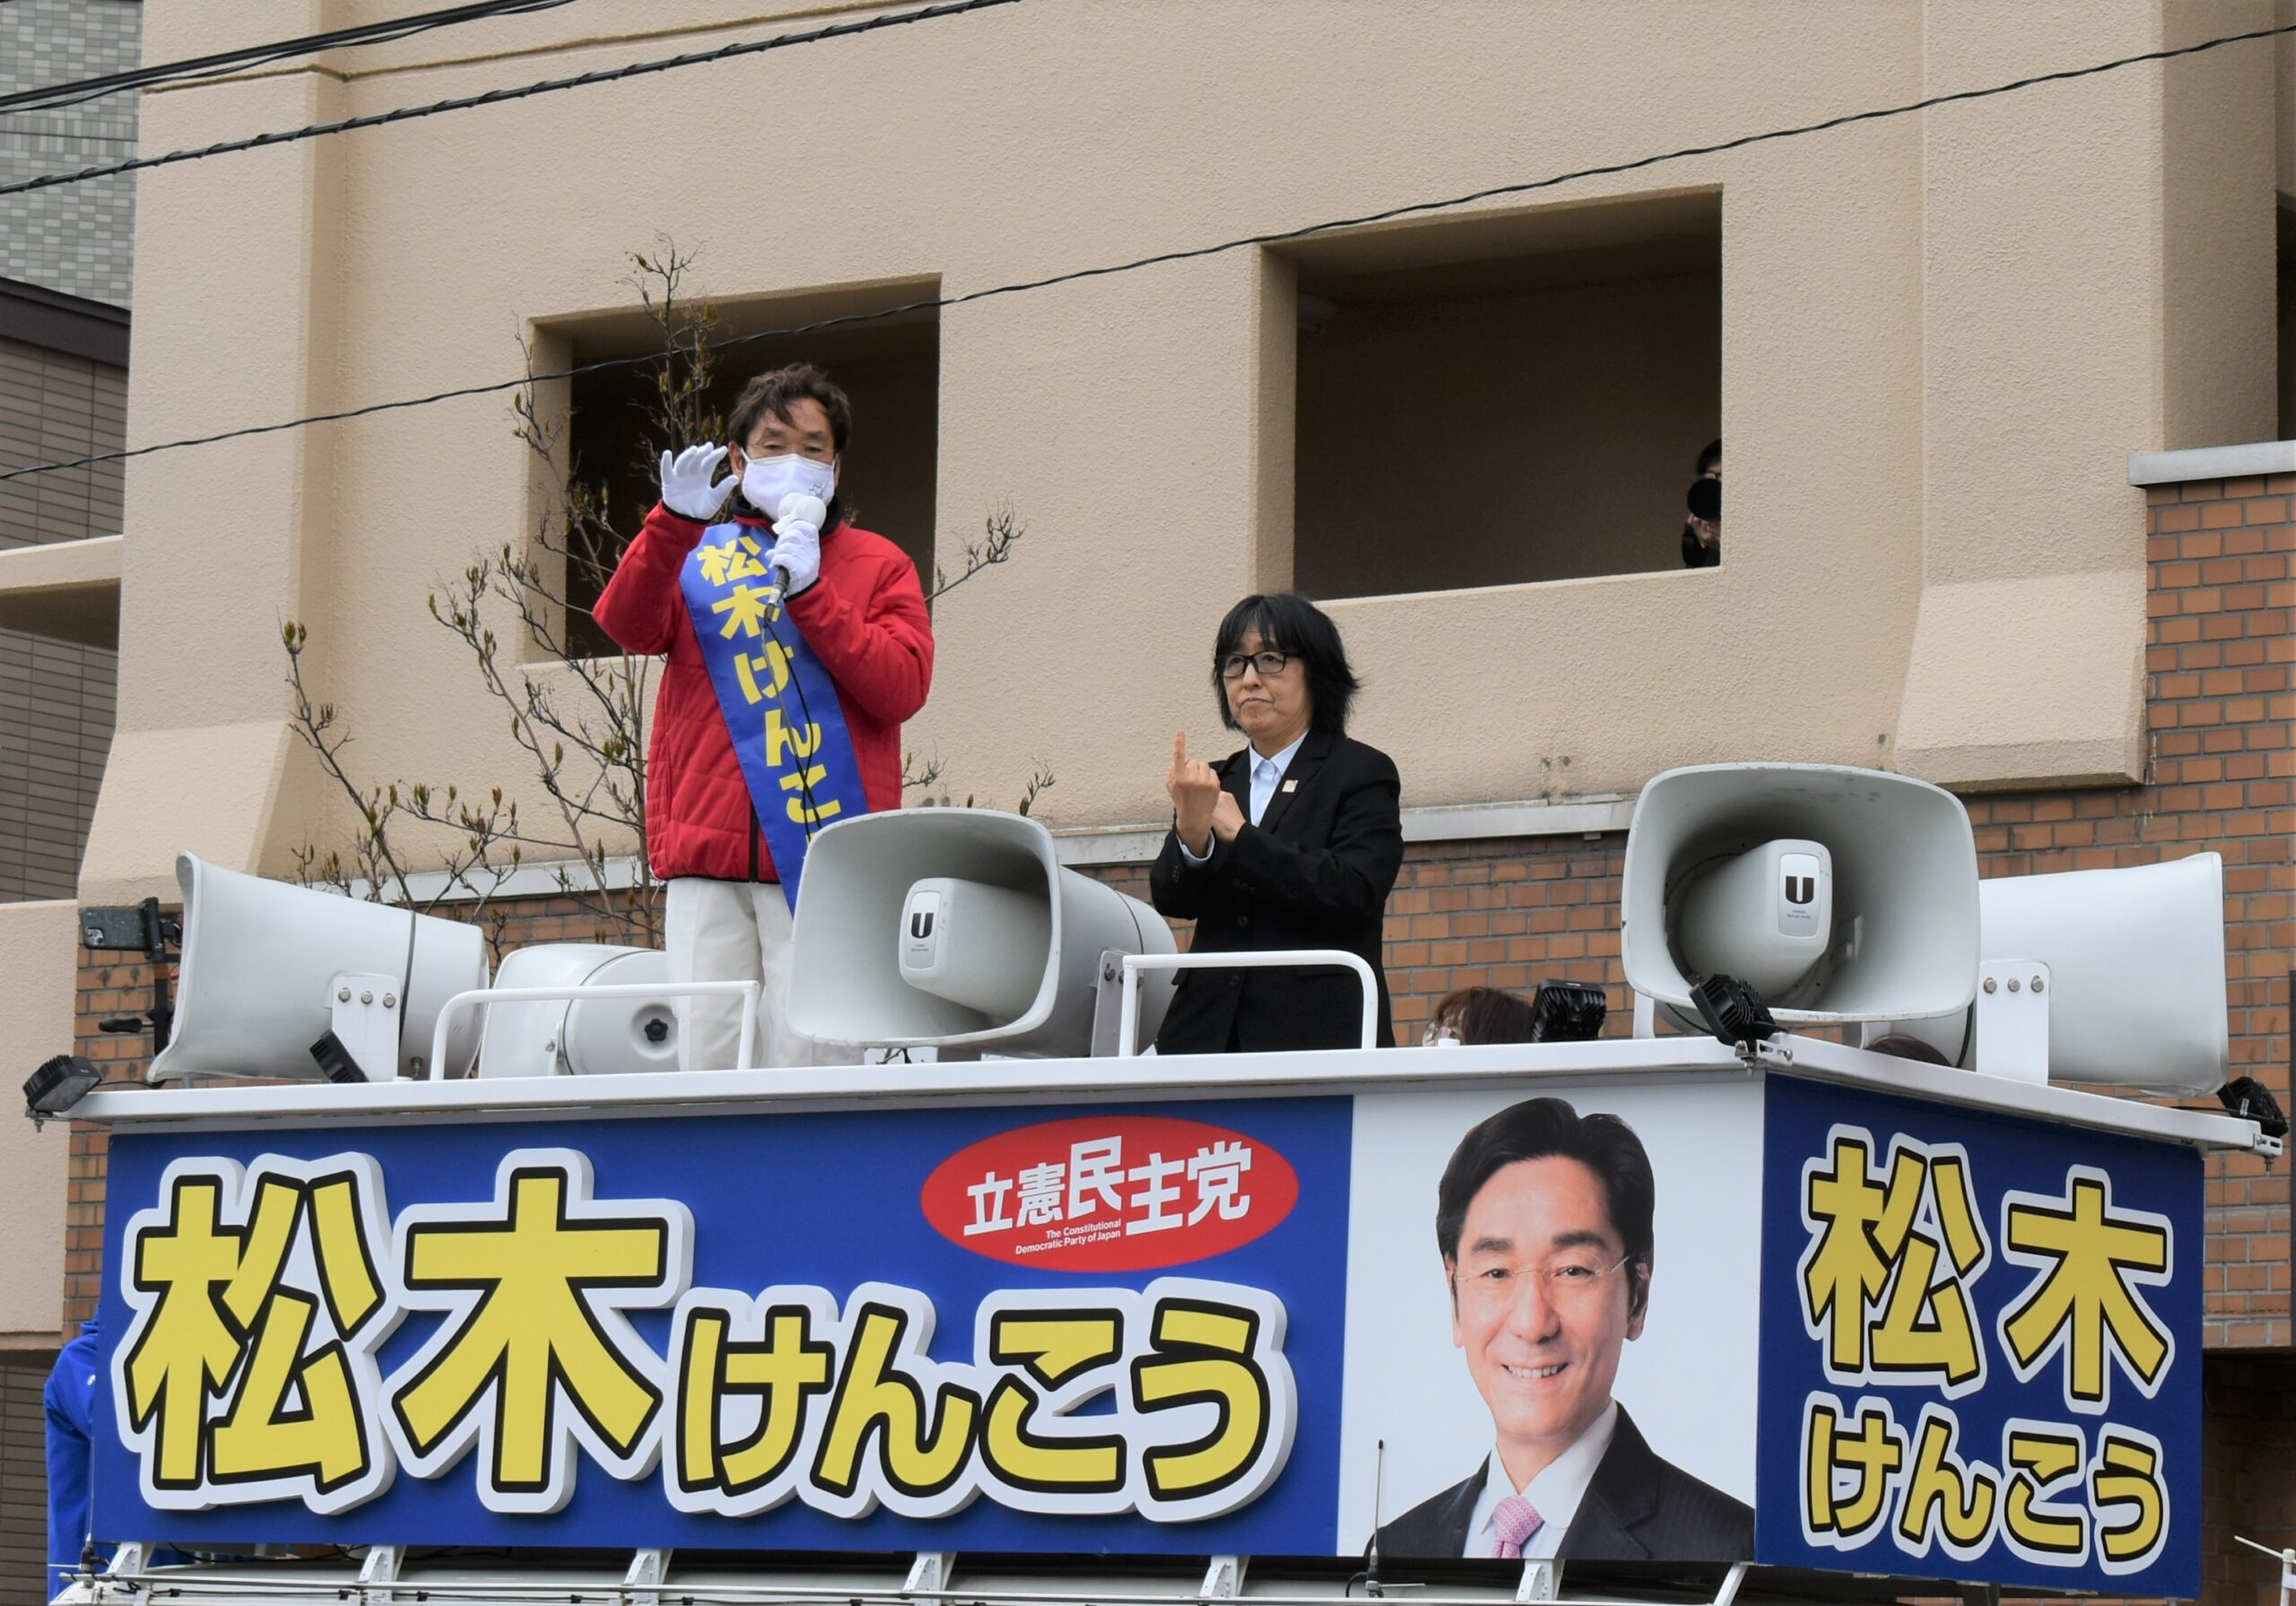 衆議院北海道第2区補選が告示 松木けんこう候補が第一声「みんなが幸せになるための土台をつくる」